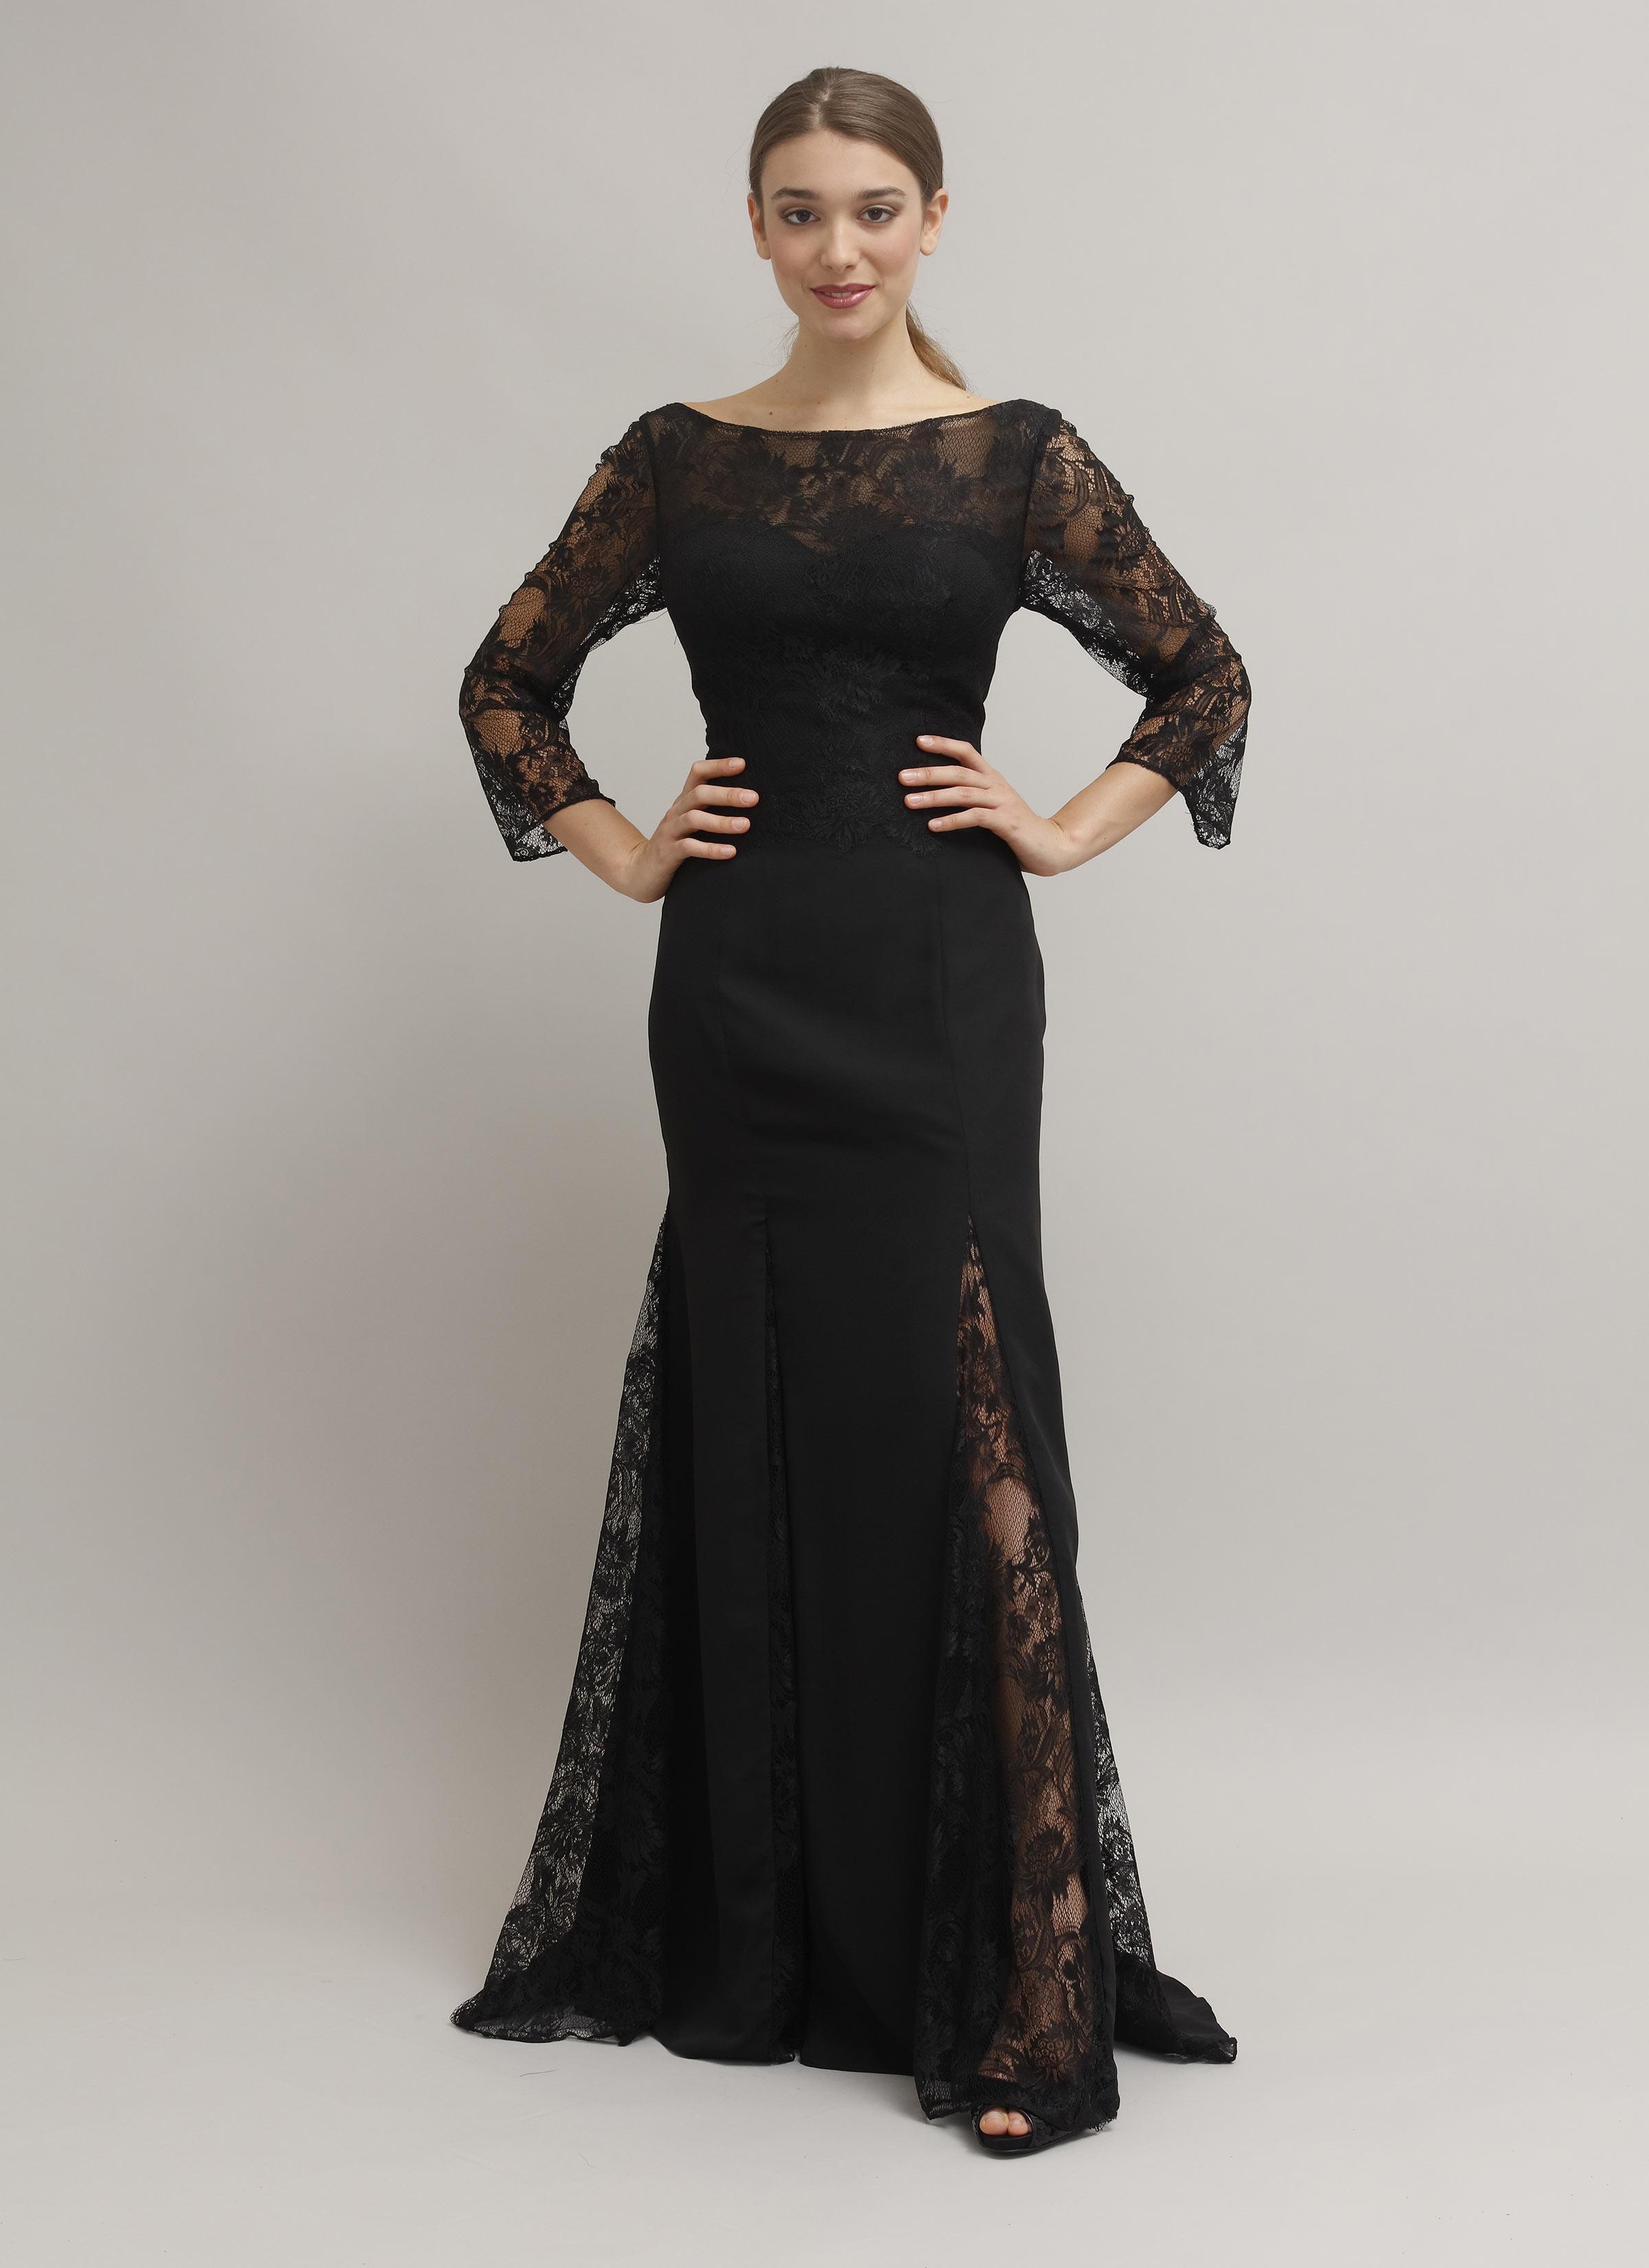 best website 96d65 d04ad Violante | Abito da cerimonia alta moda con spacchi laterali